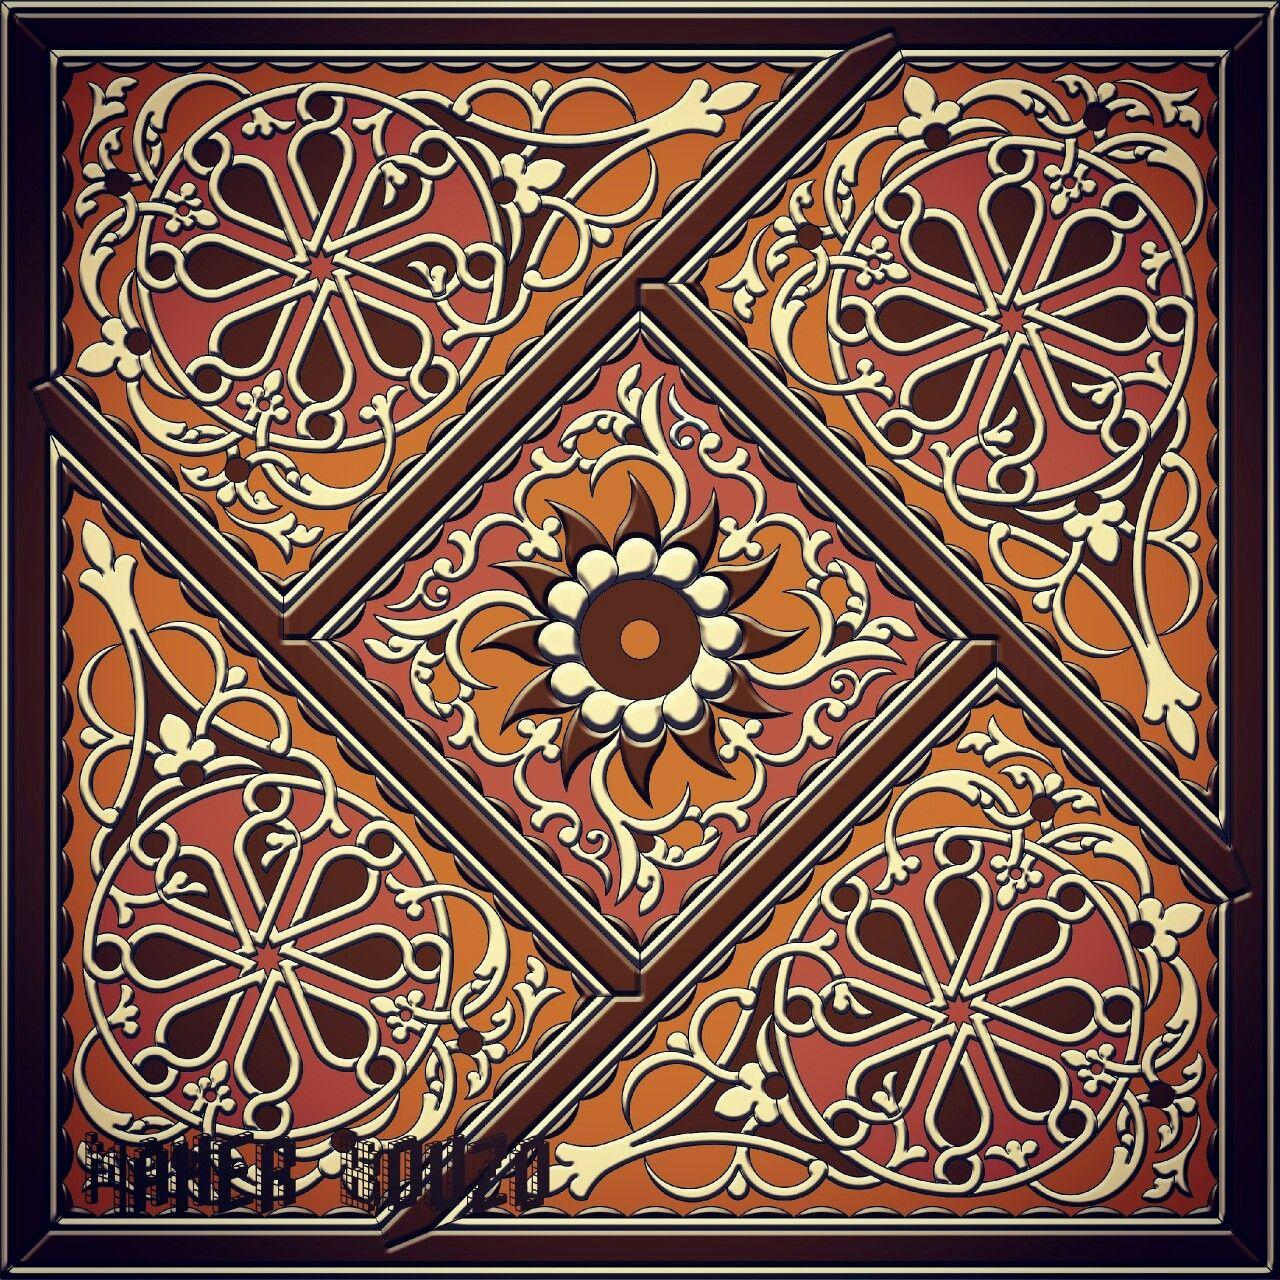 رسم هندسي اسمه المفروكة ورسم زخرفي شرقي Islamic Art Islamic Patterns Art